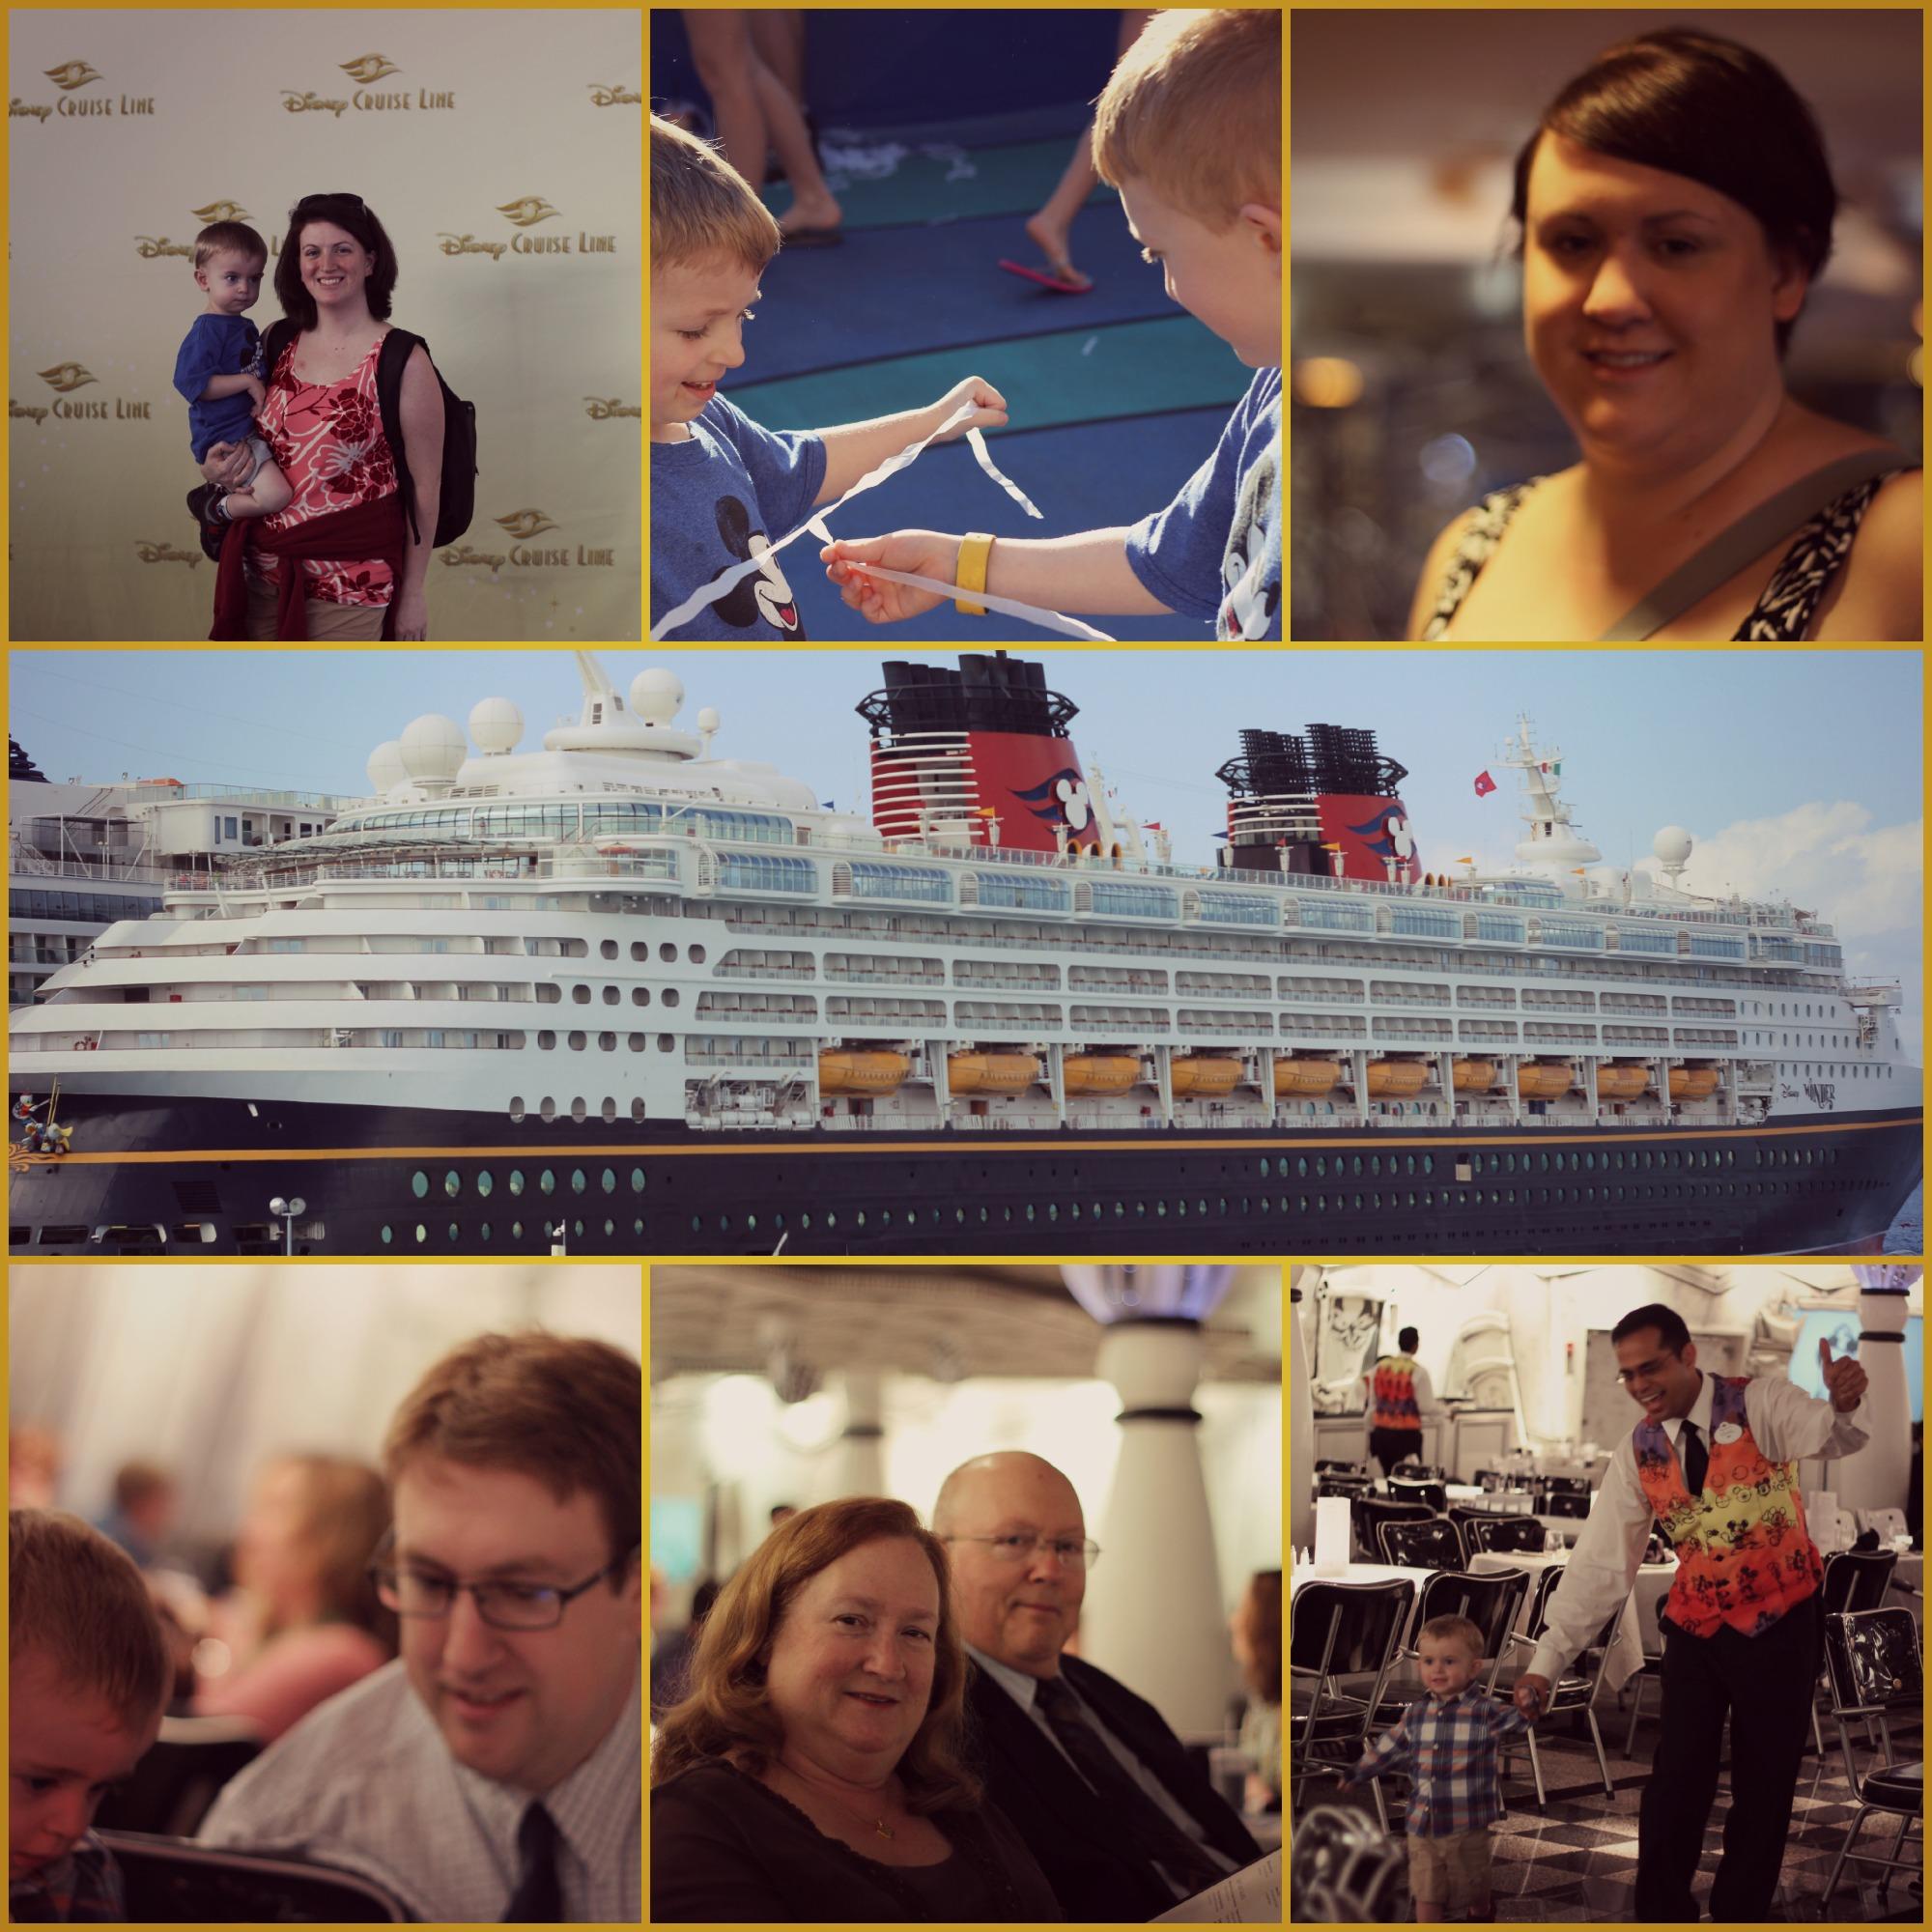 cox family cruise.jpg